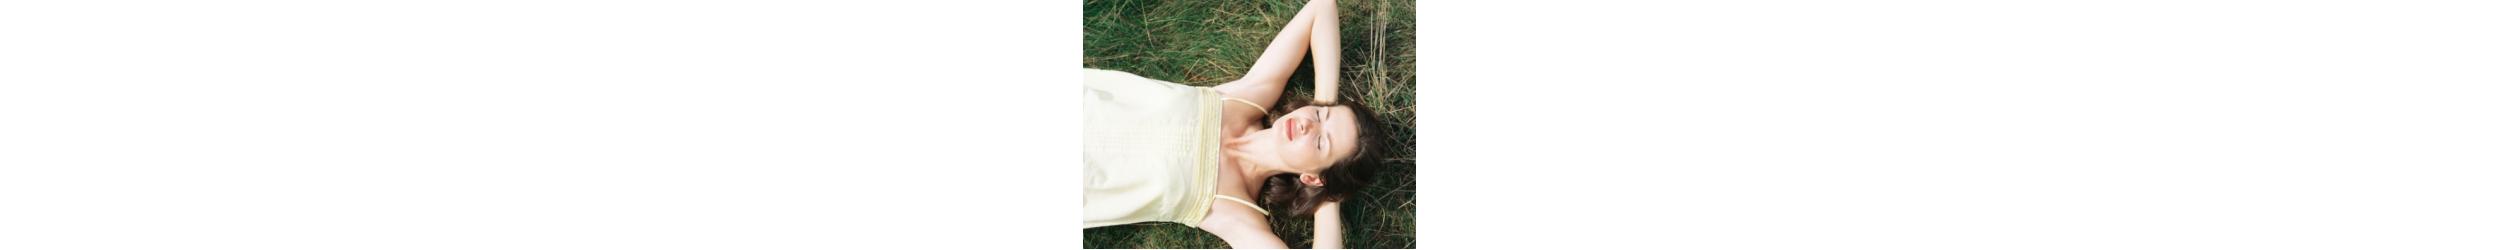 Выбор постельных принадлежностей для лета